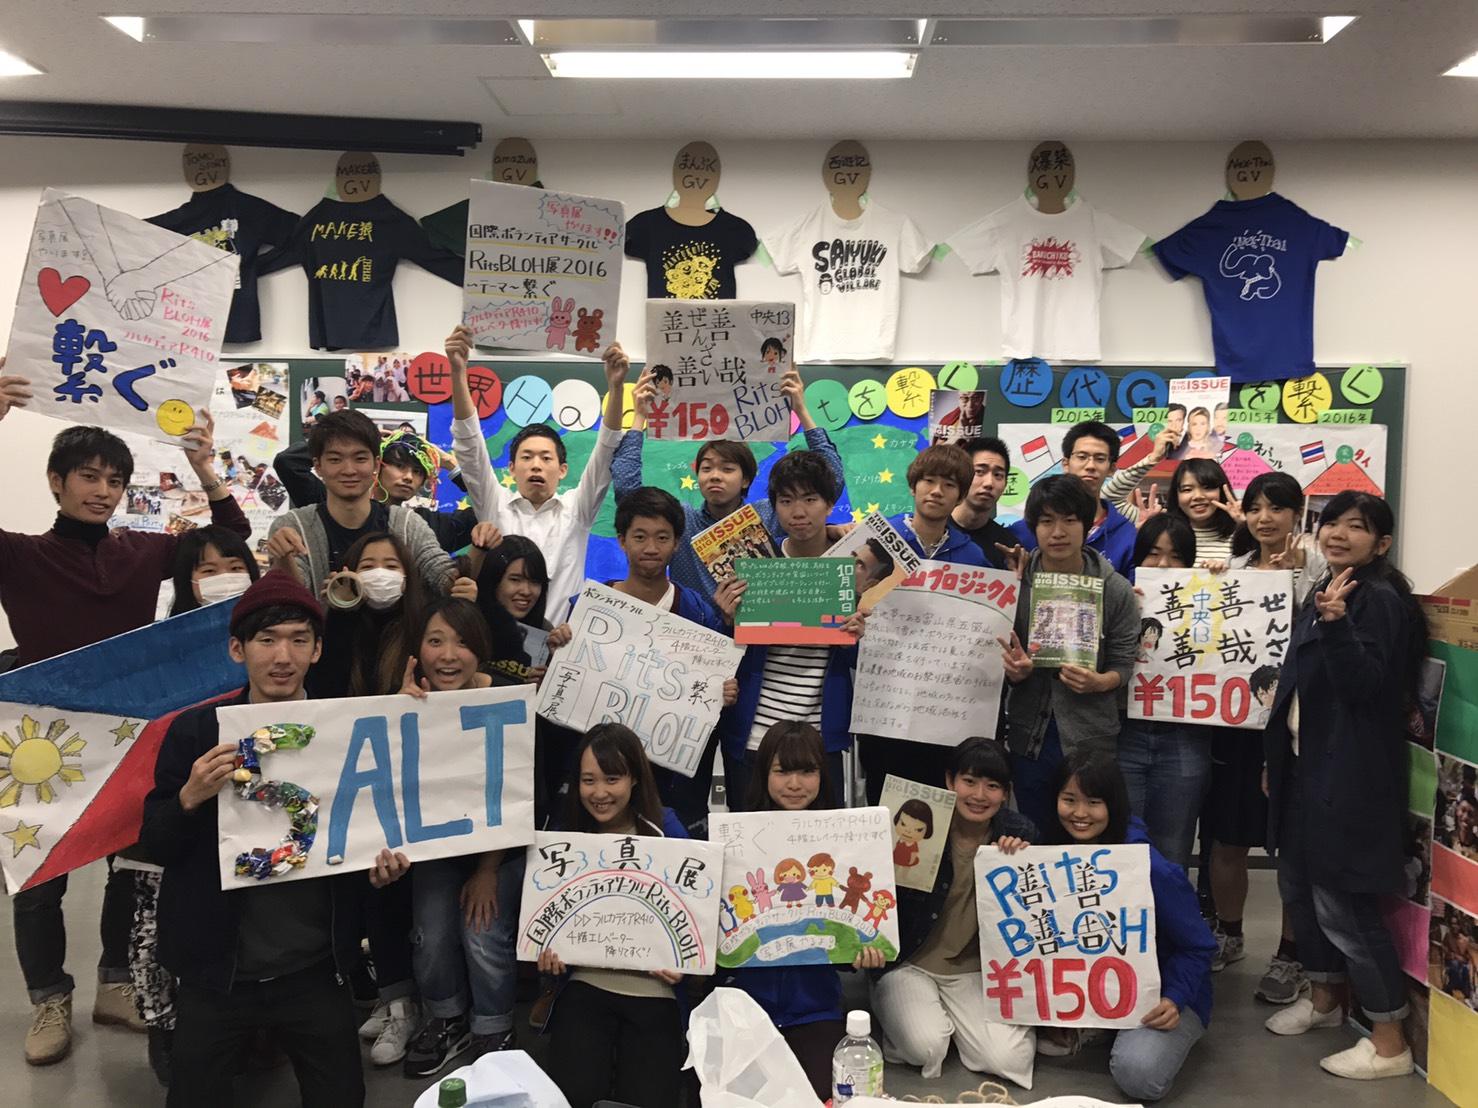 K-19国際ボランティアサークルRitsBLOH